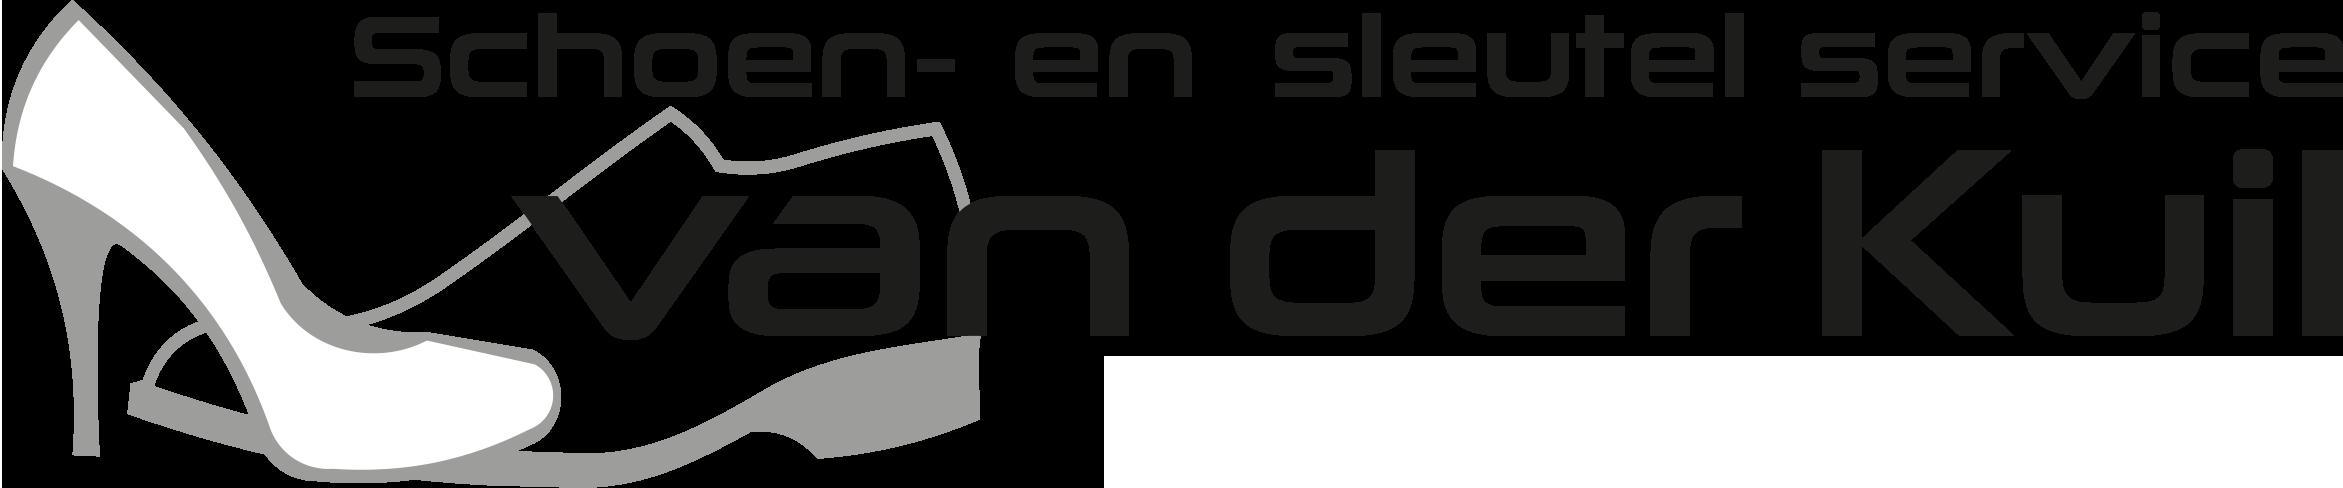 van der kuil logo schoen en sleutel